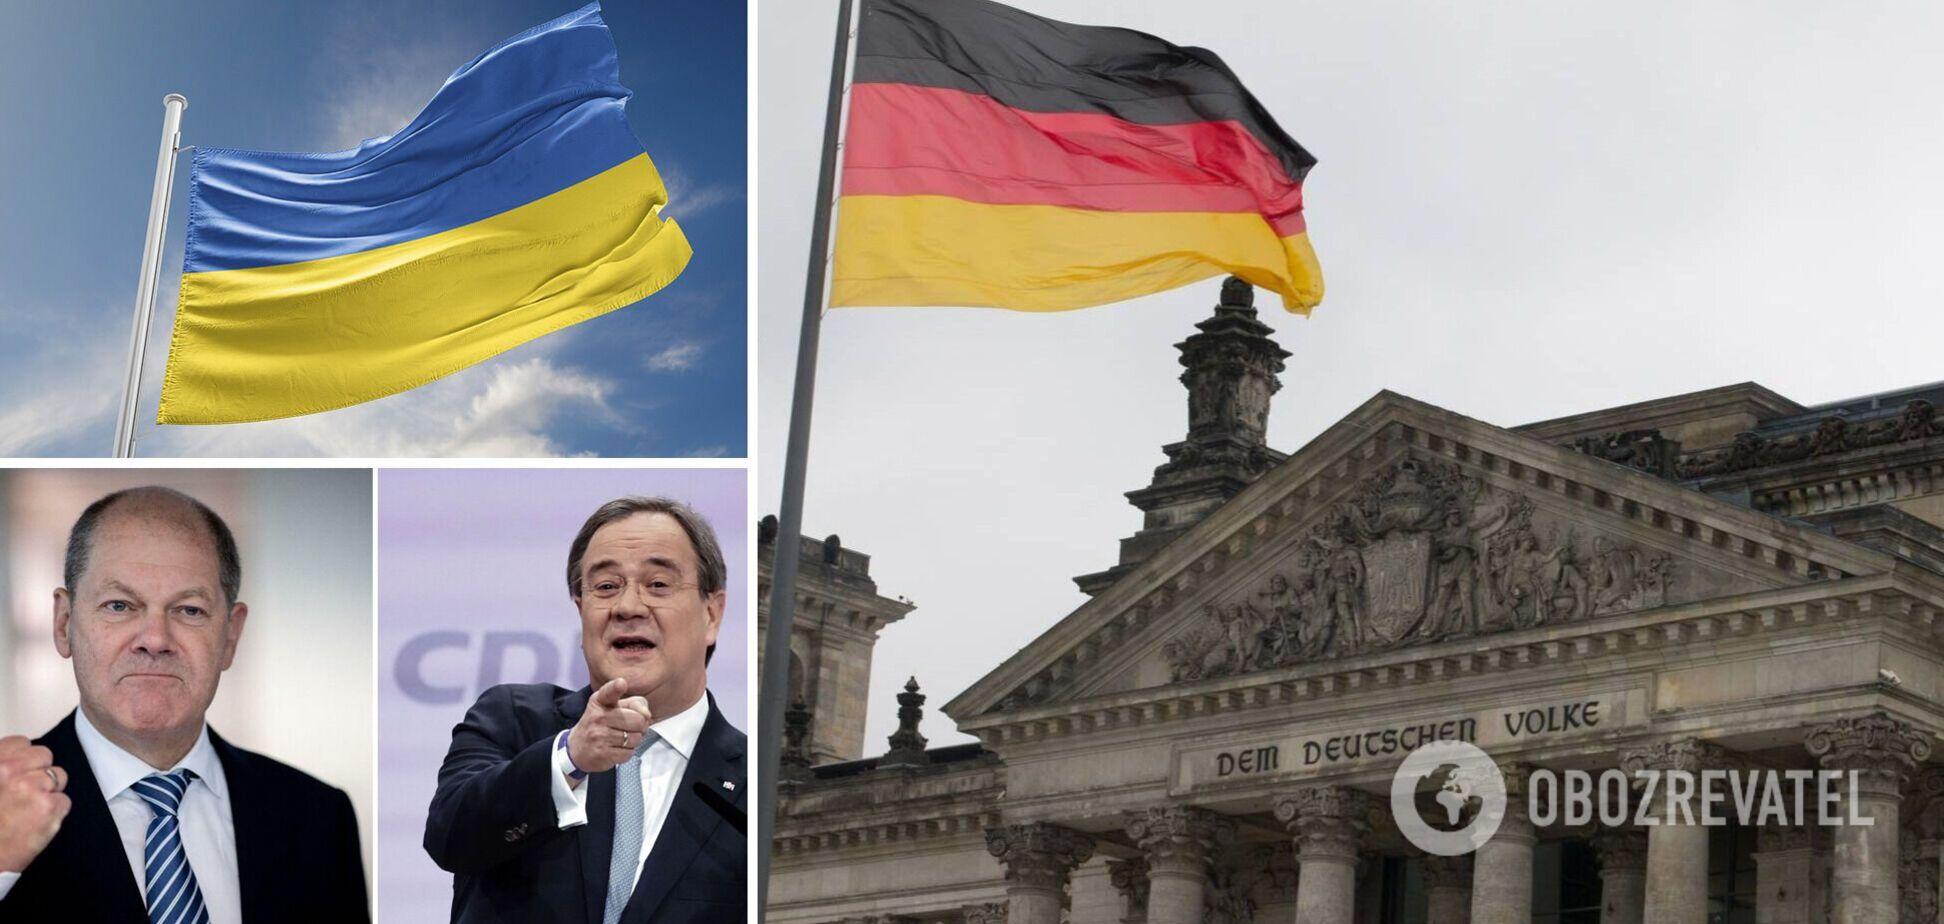 Олаф Шольц и Армин Лашет претендуют на пост канцлера Германии